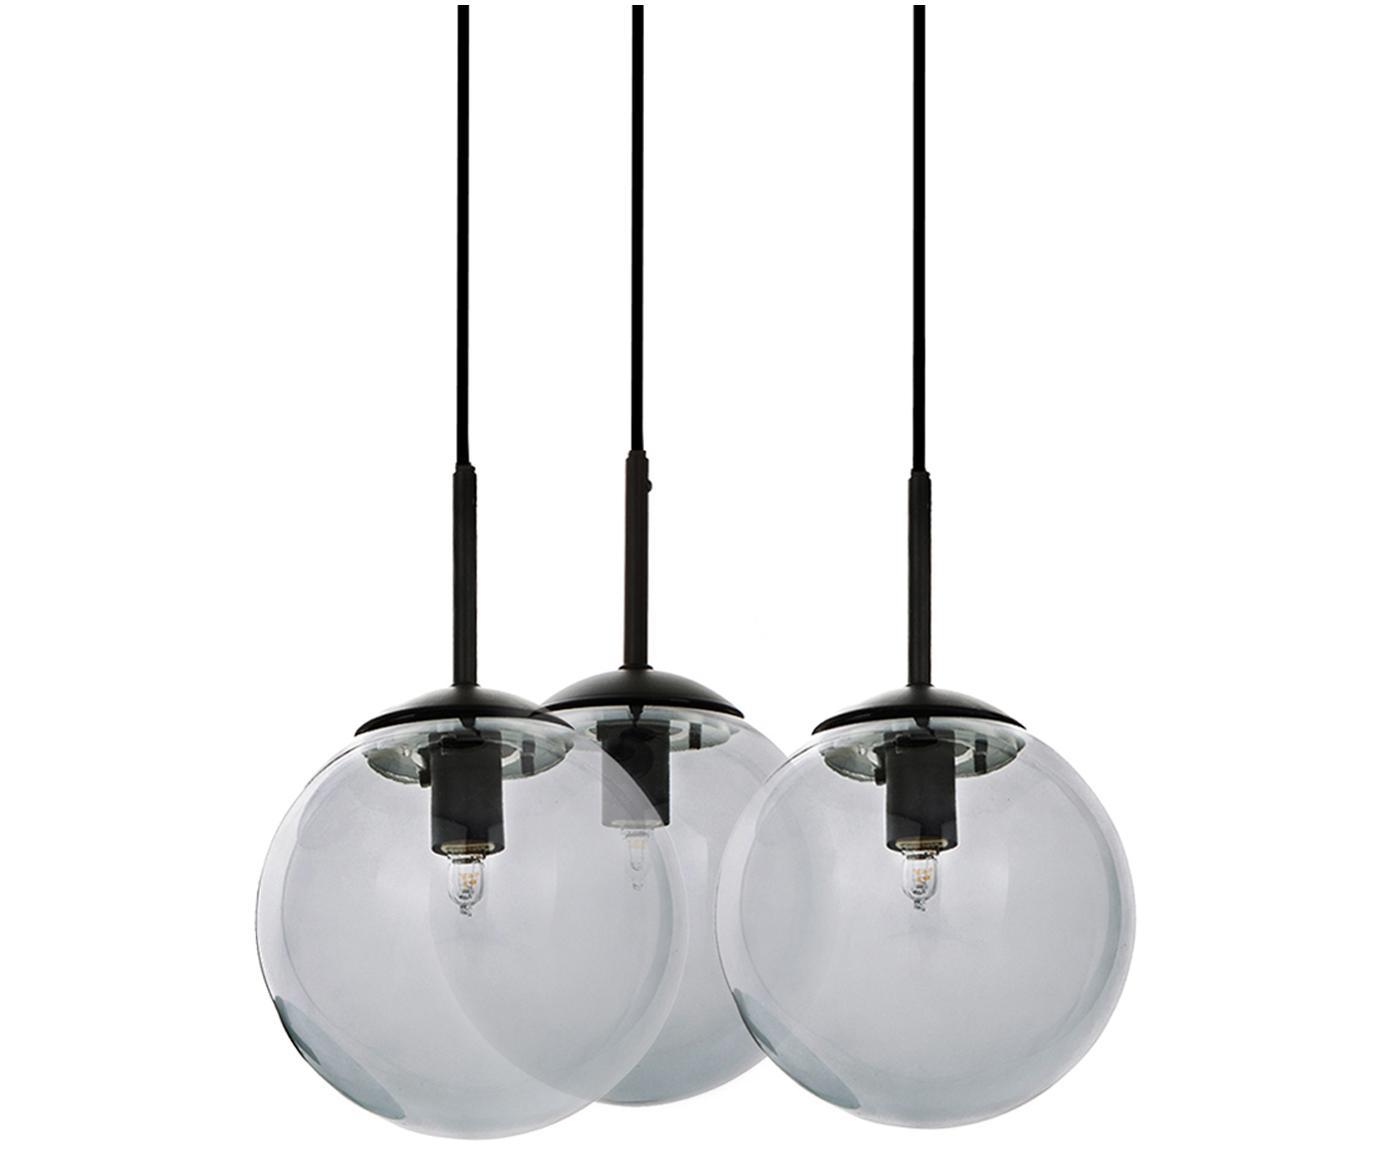 Pendelleuchte Edie aus Glas, Grau, Schwarz, Ø 30 cm